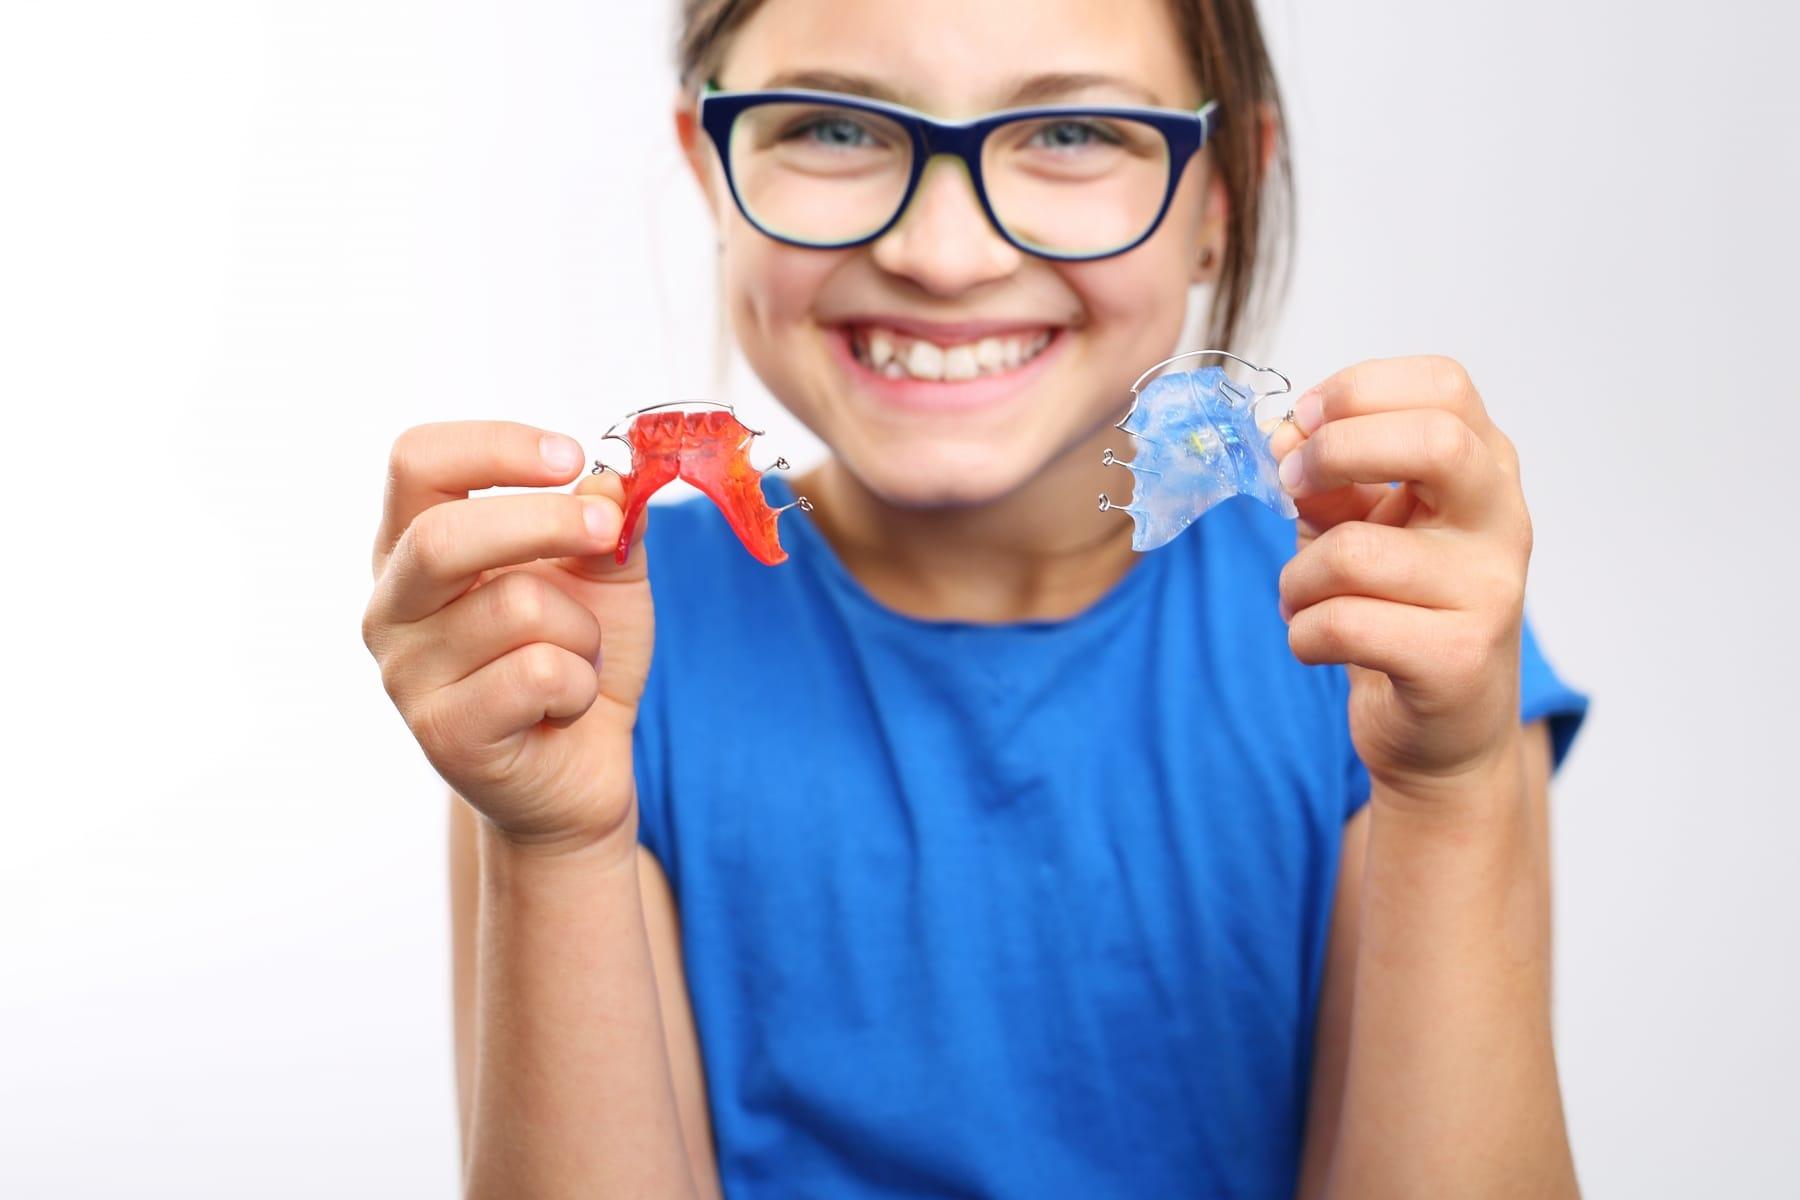 Orthopédie dento-faciale - Dentisterie esthétique